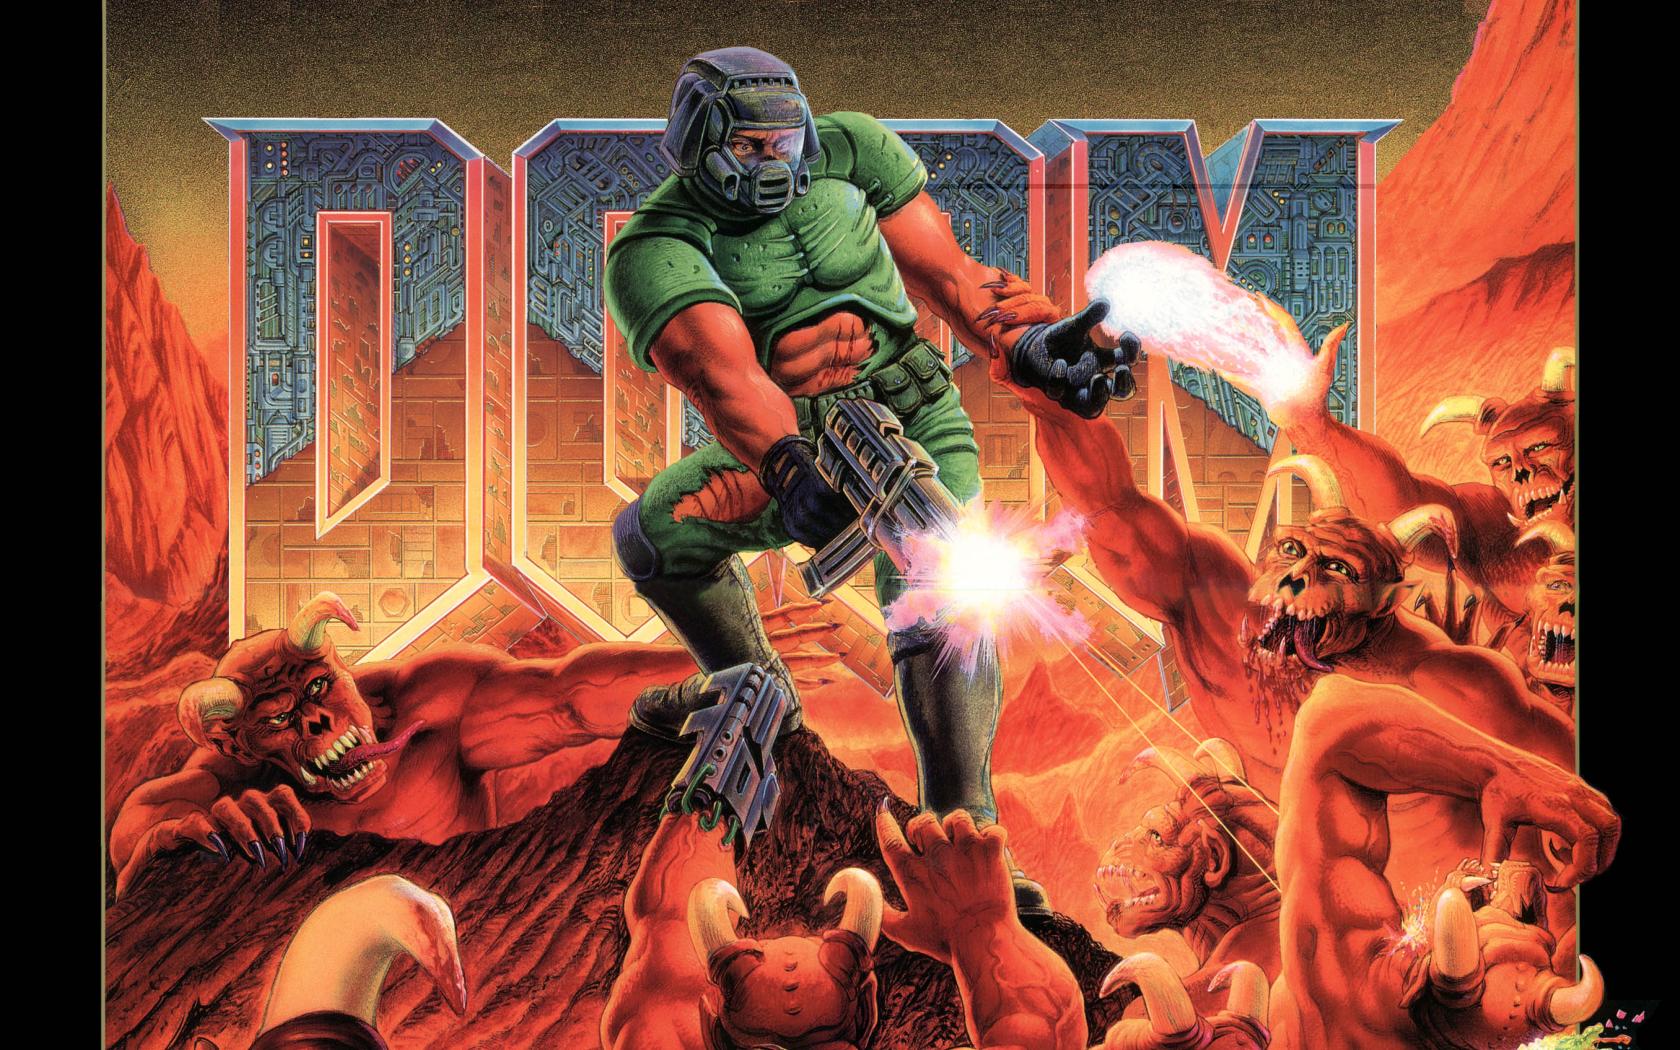 1680x1050 Doom wallpaper